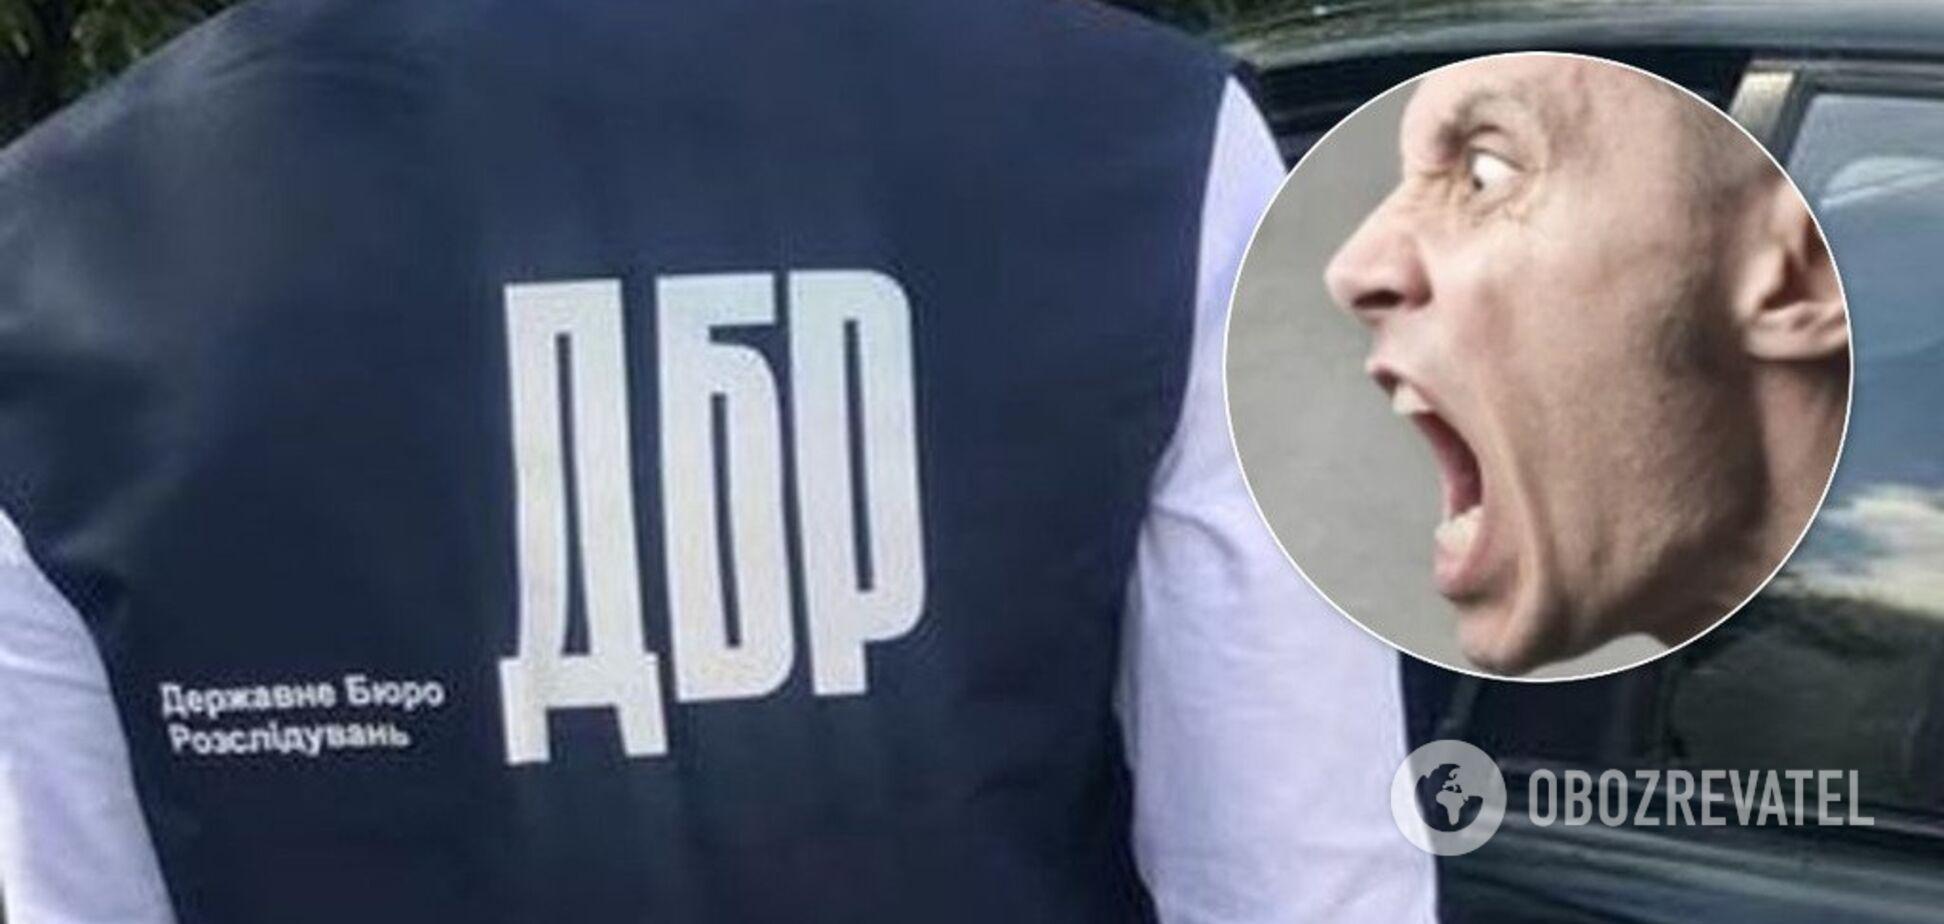 'Закройте рот': стало известно, как наказали следователя ГБР после скандала в аэропорту